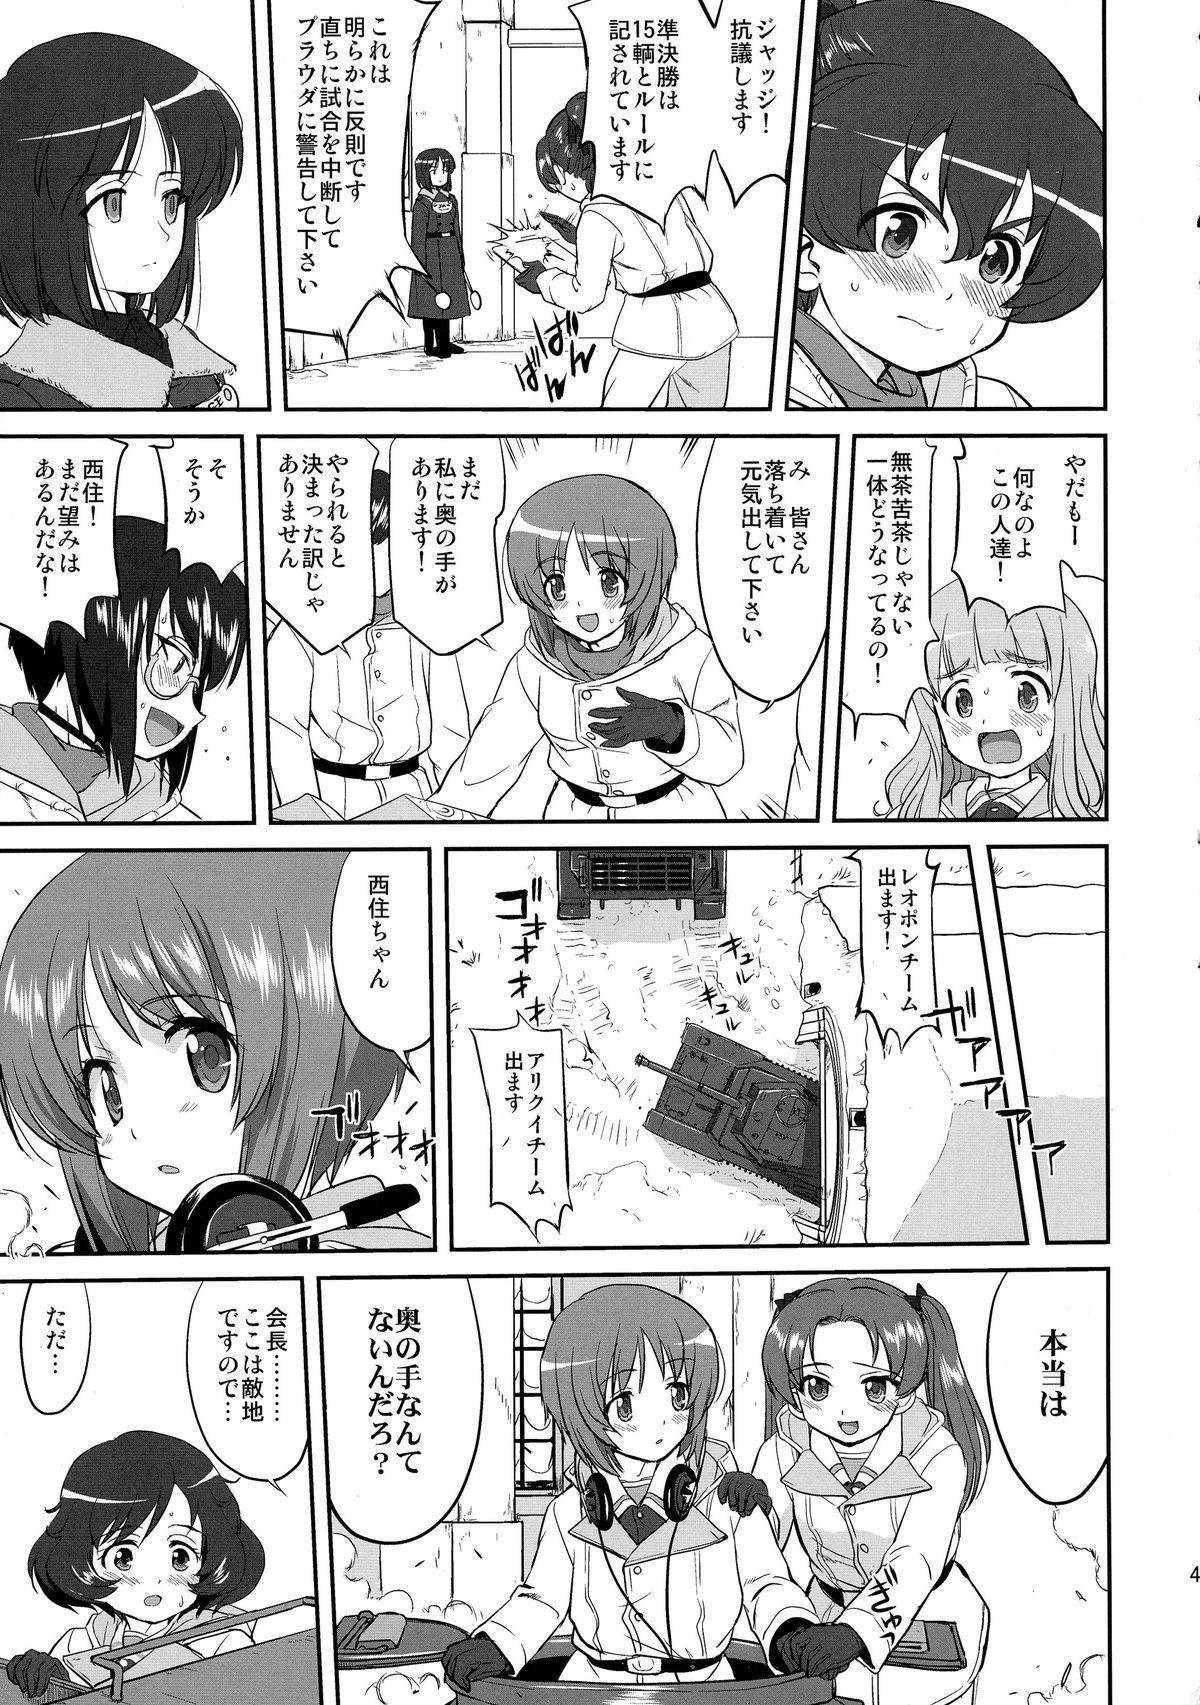 Yukiyukite Senshadou Battle of Pravda 42